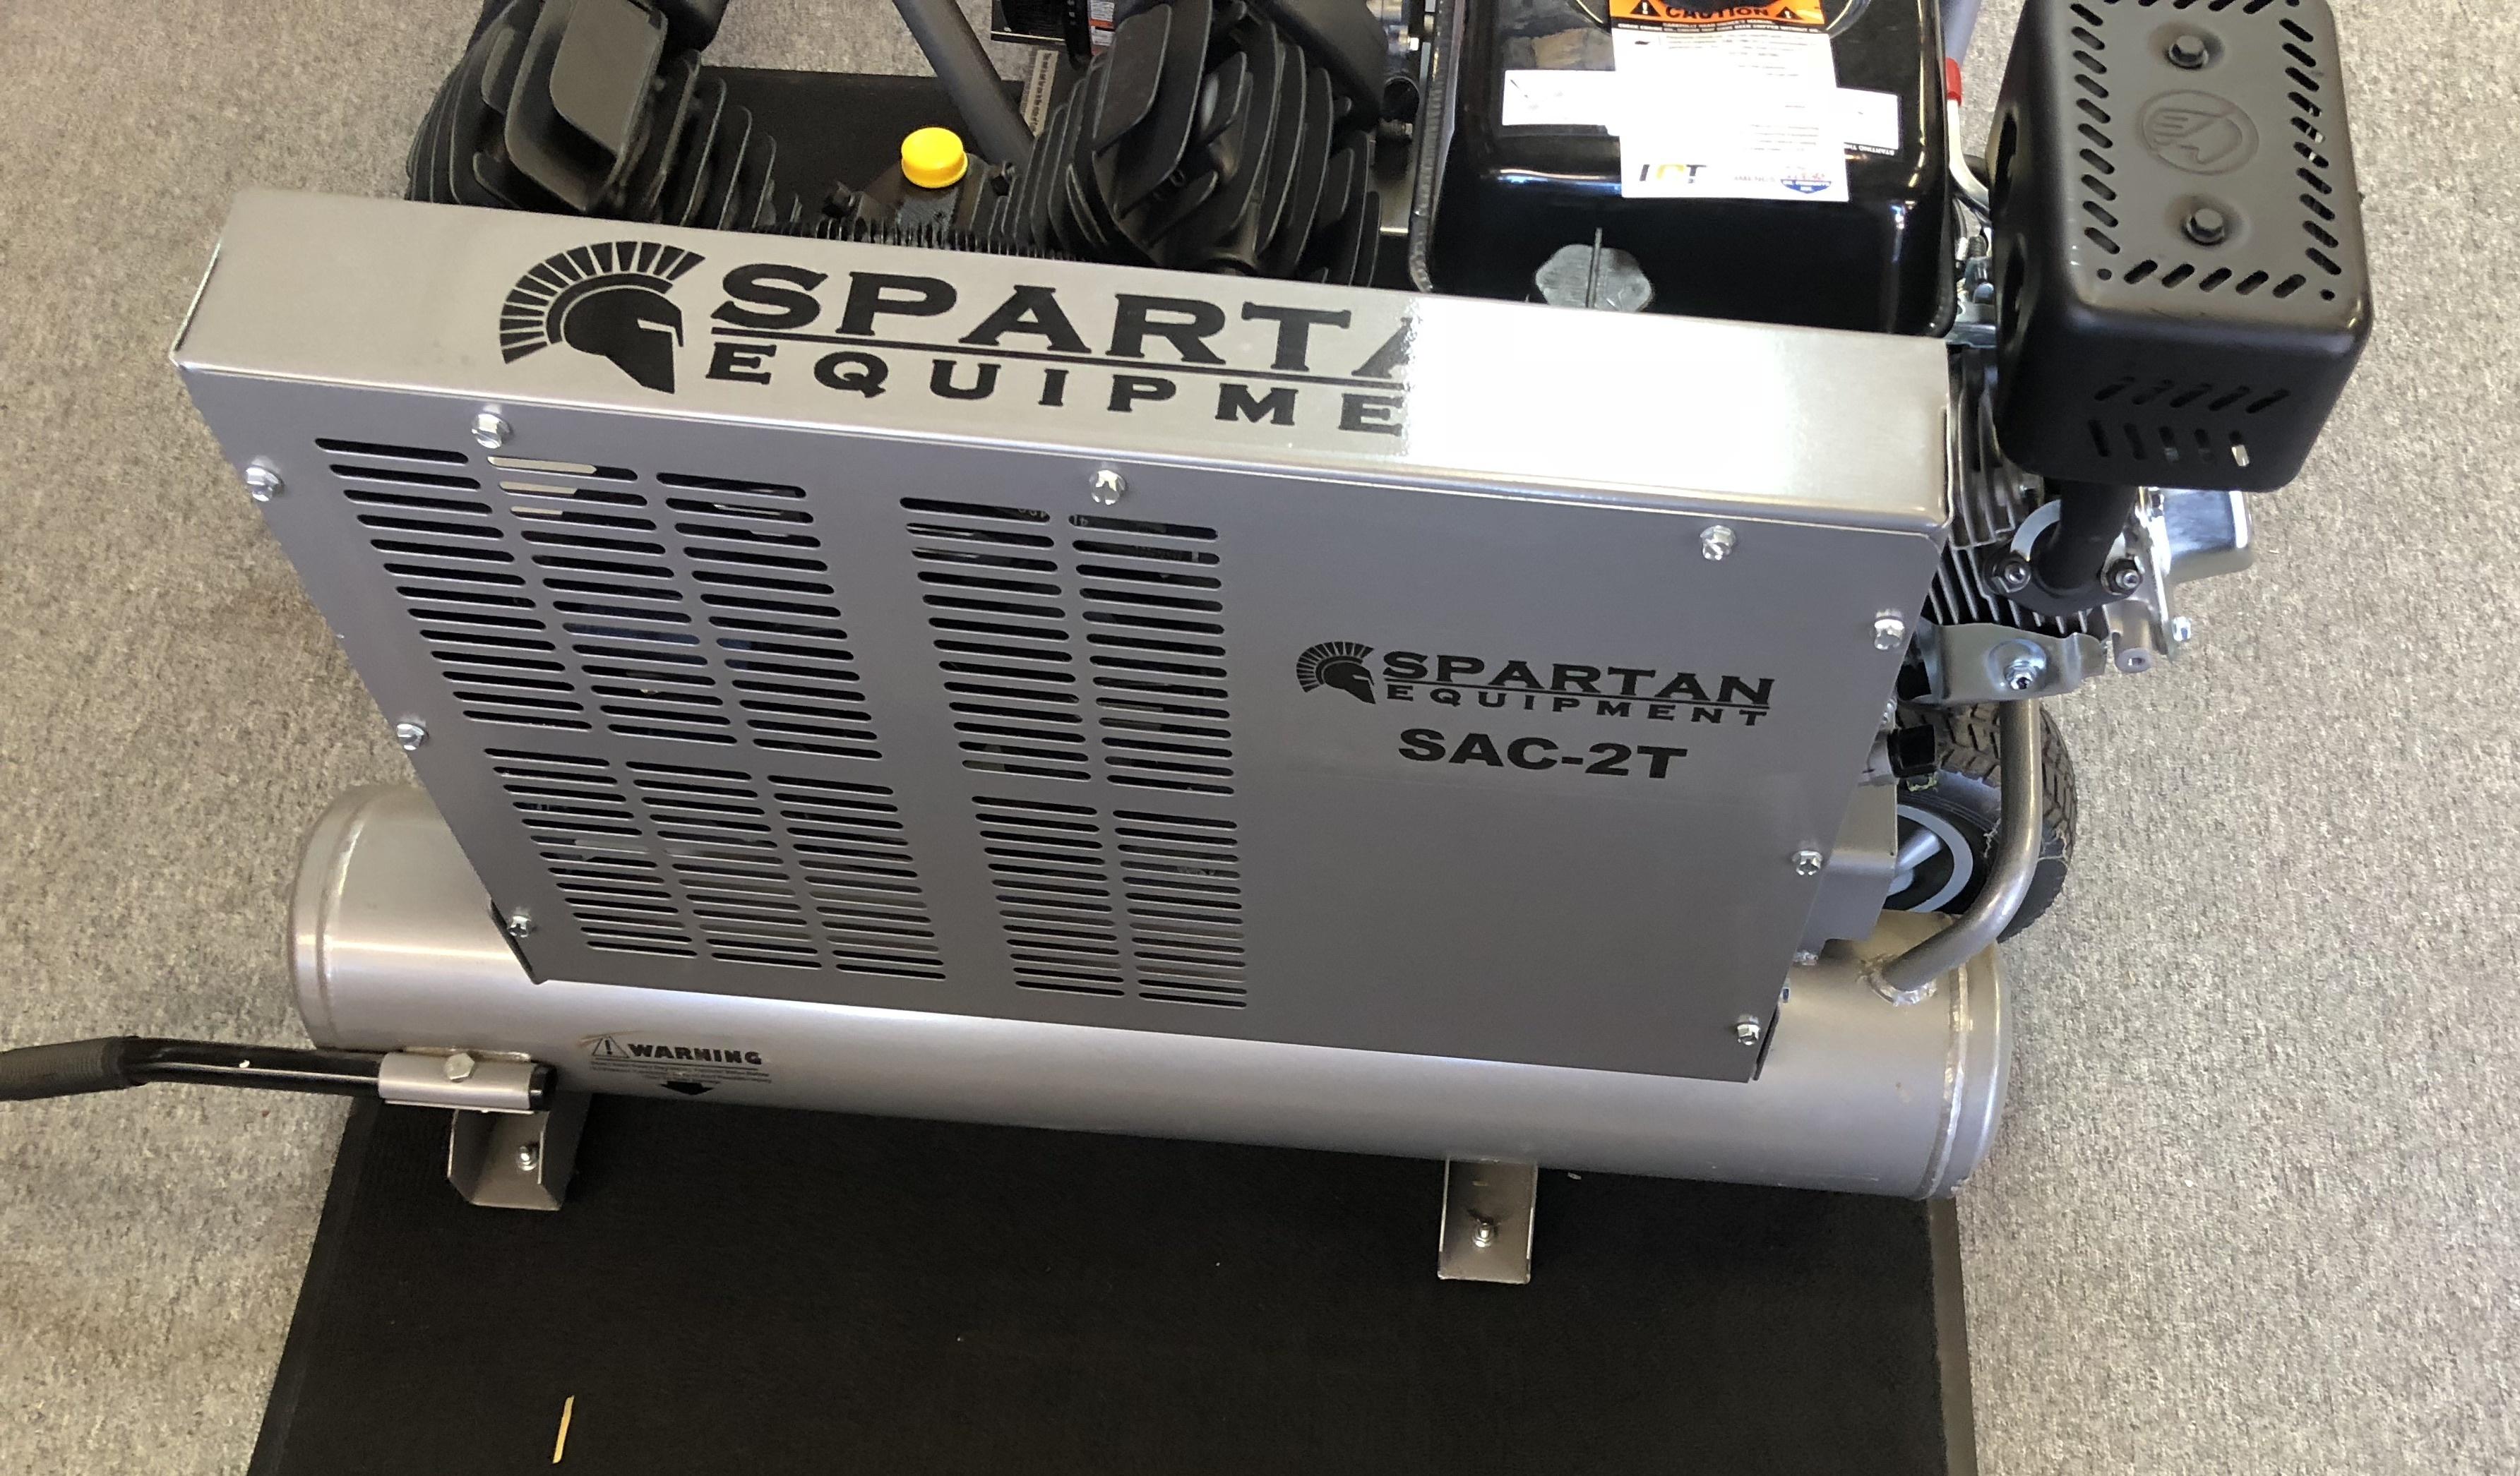 SPARTAN - SAC-2T - AIR COMPRESSOR TOOLS